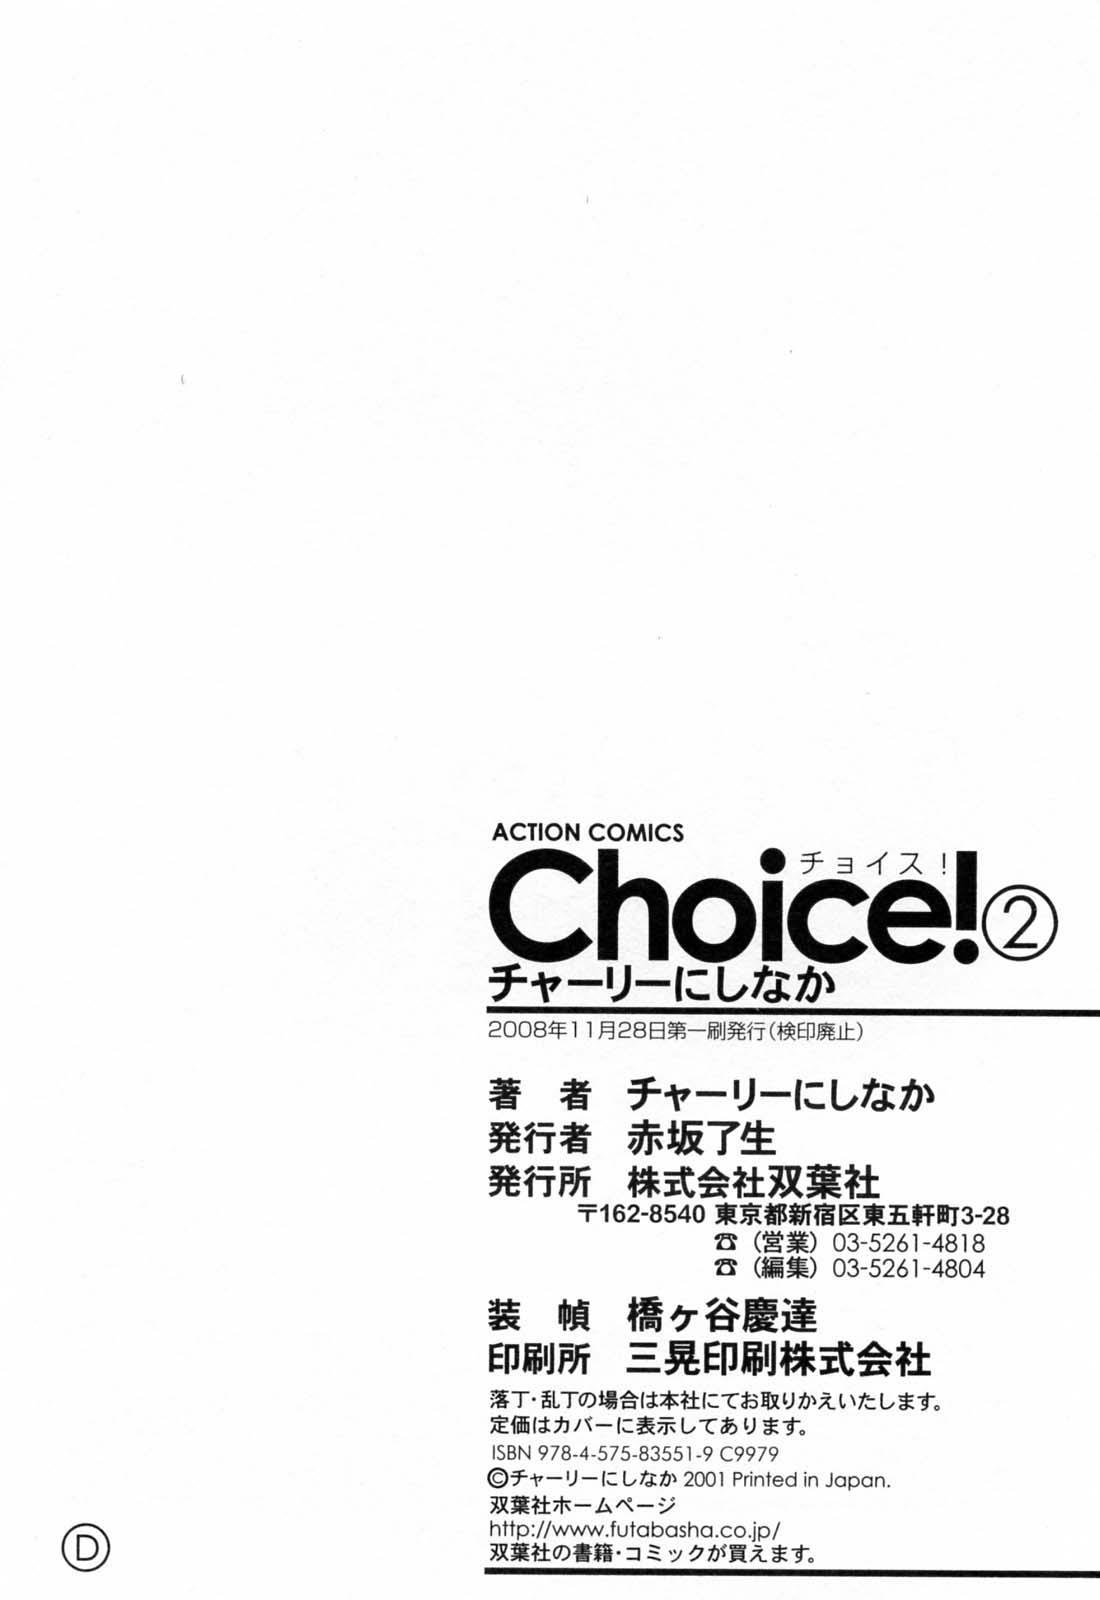 Choice! 02 177